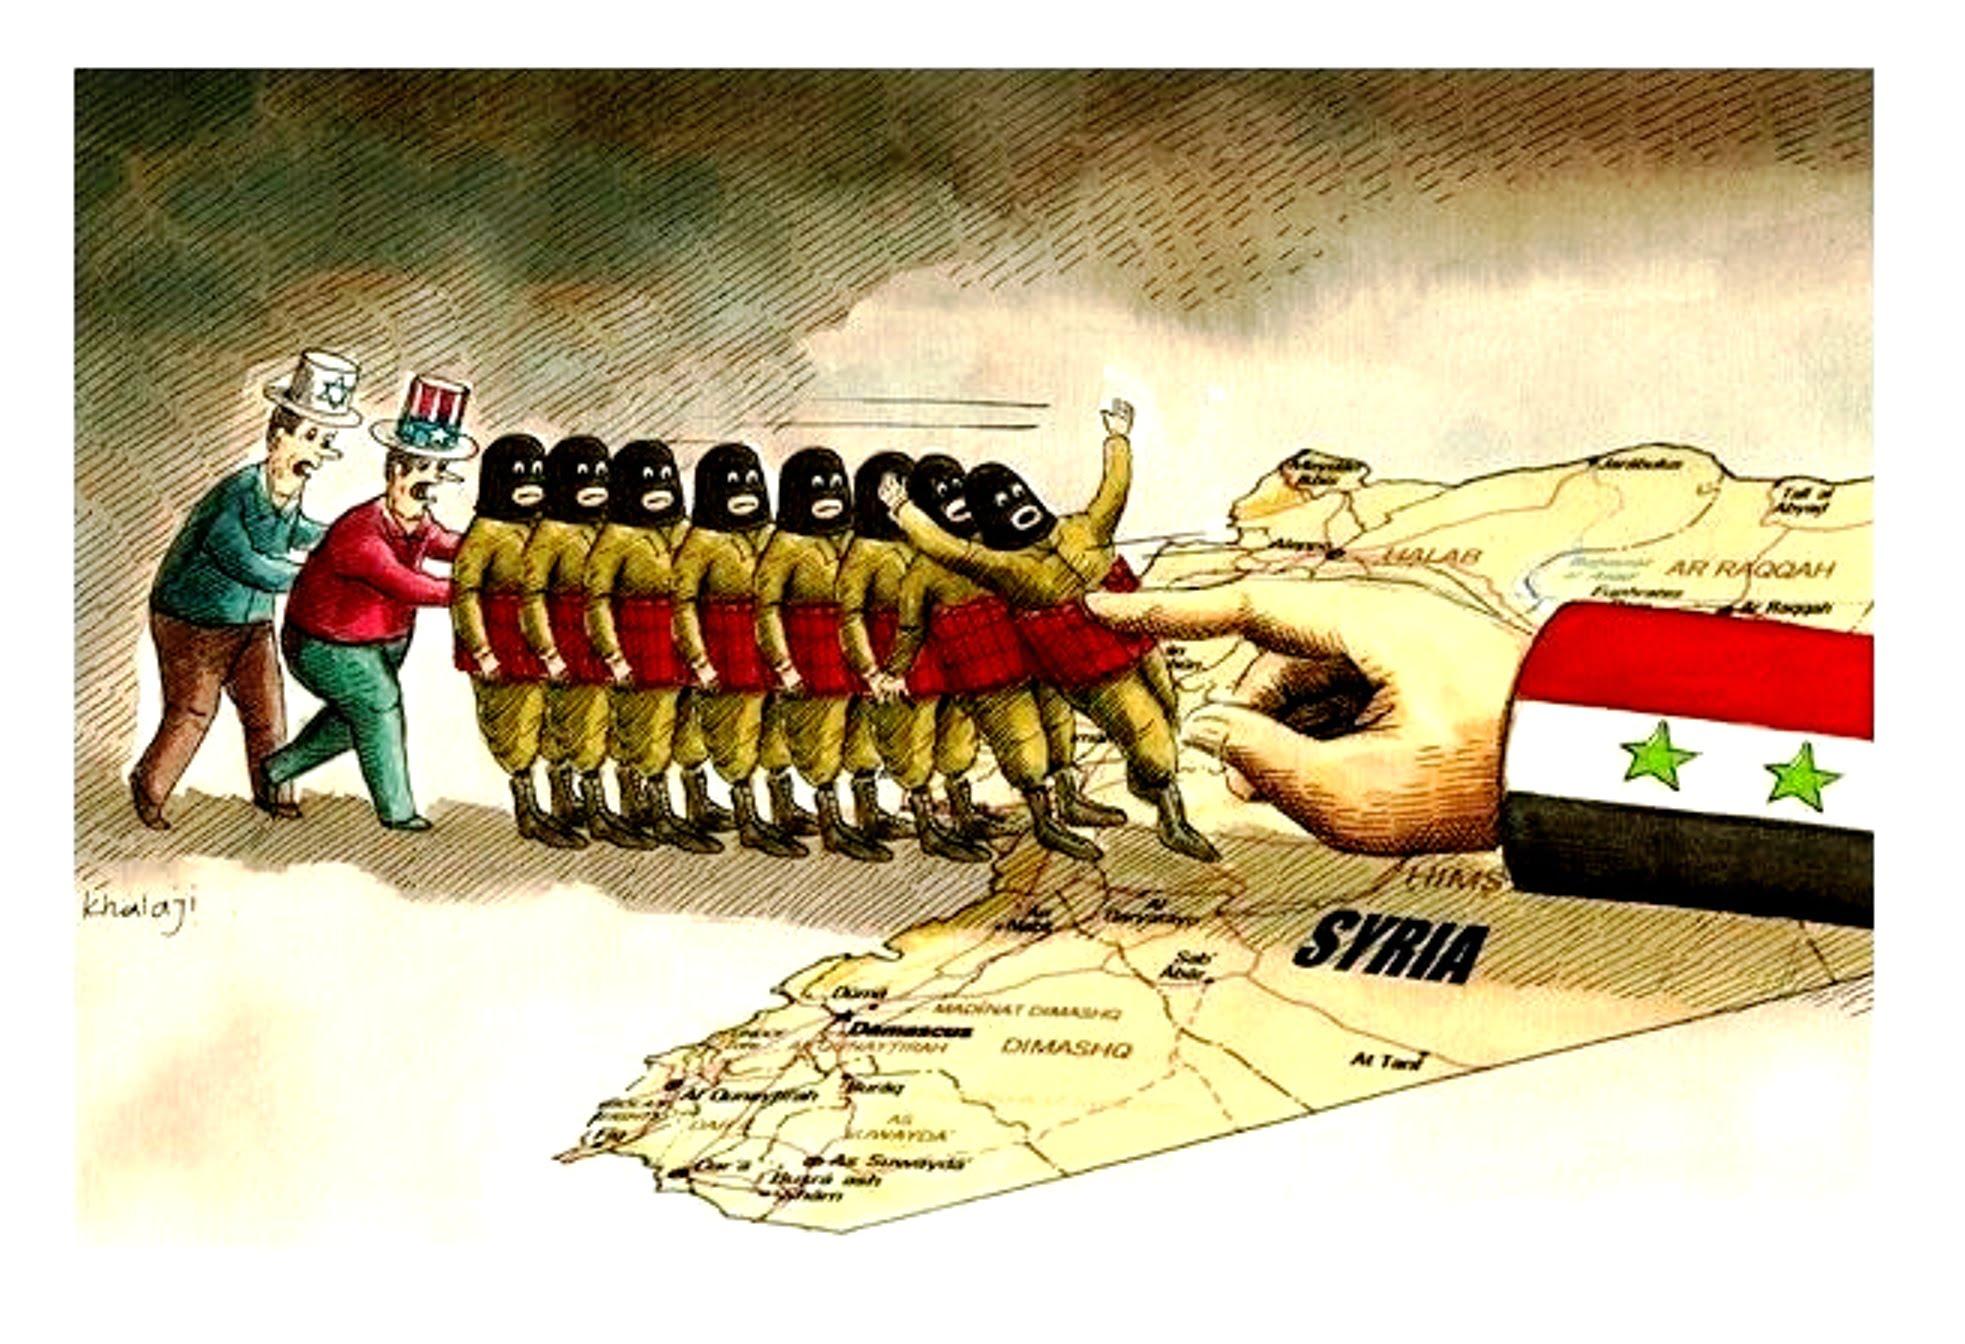 Συρία: Οι κυρώσεις της Δύσης είναι το άλλο πρόσωπο της τρομοκρατίας.